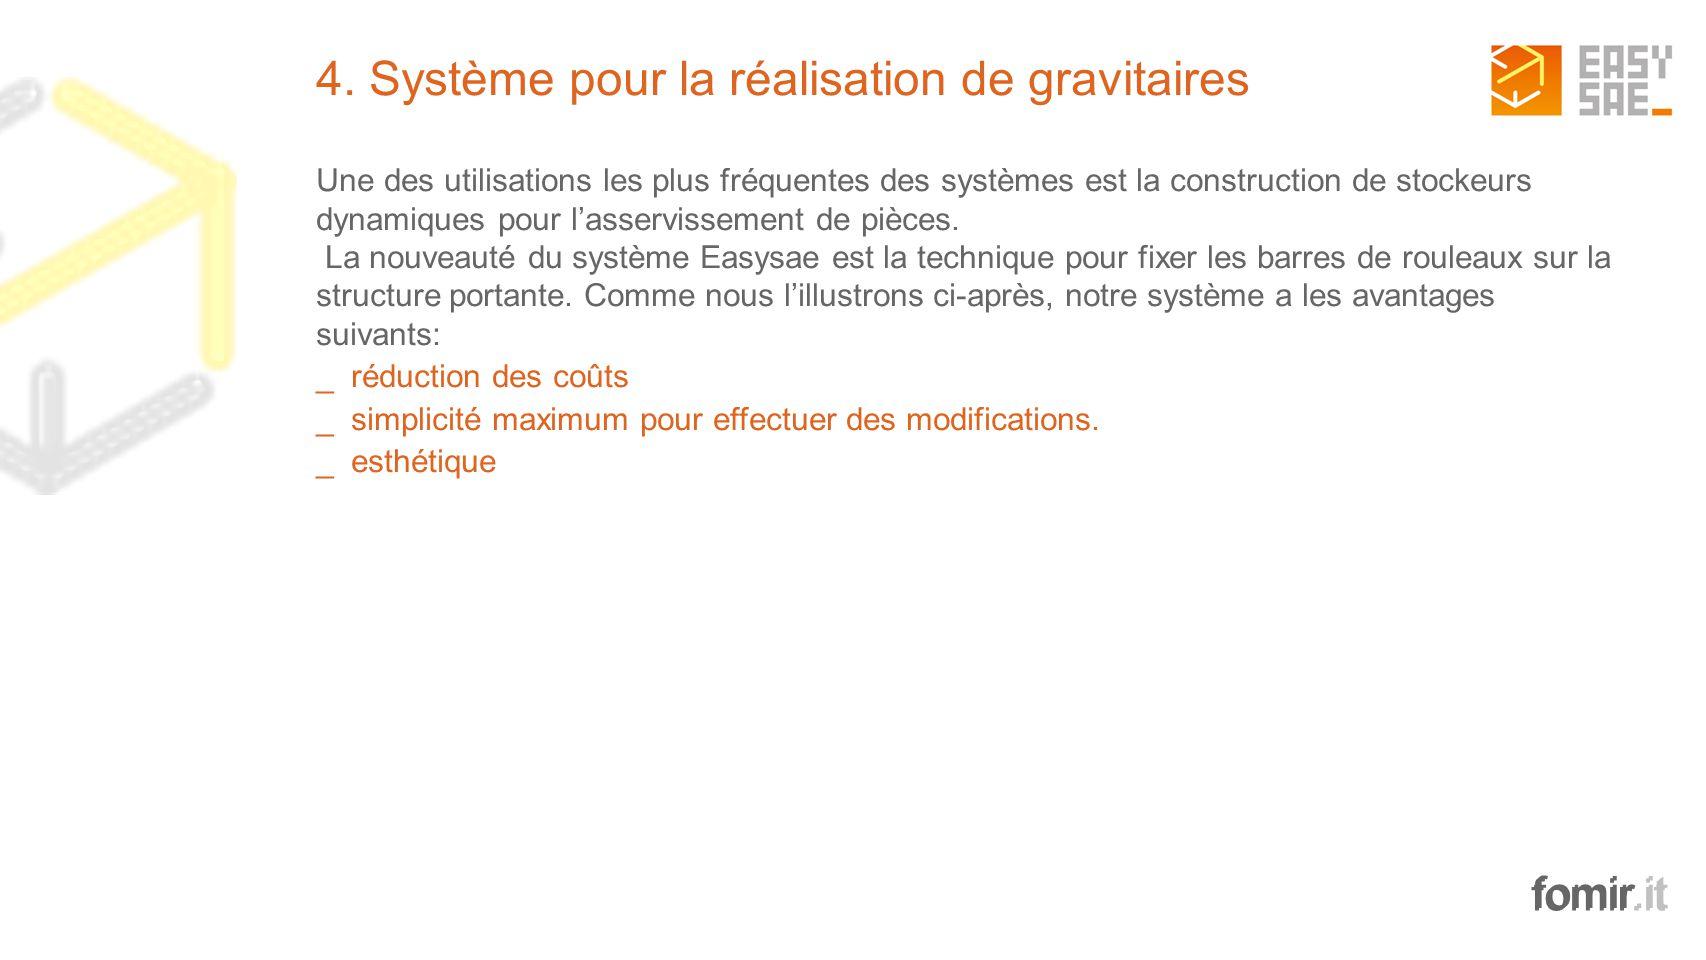 fomir.it 4. Système pour la réalisation de gravitaires Une des utilisations les plus fréquentes des systèmes est la construction de stockeurs dynamiqu